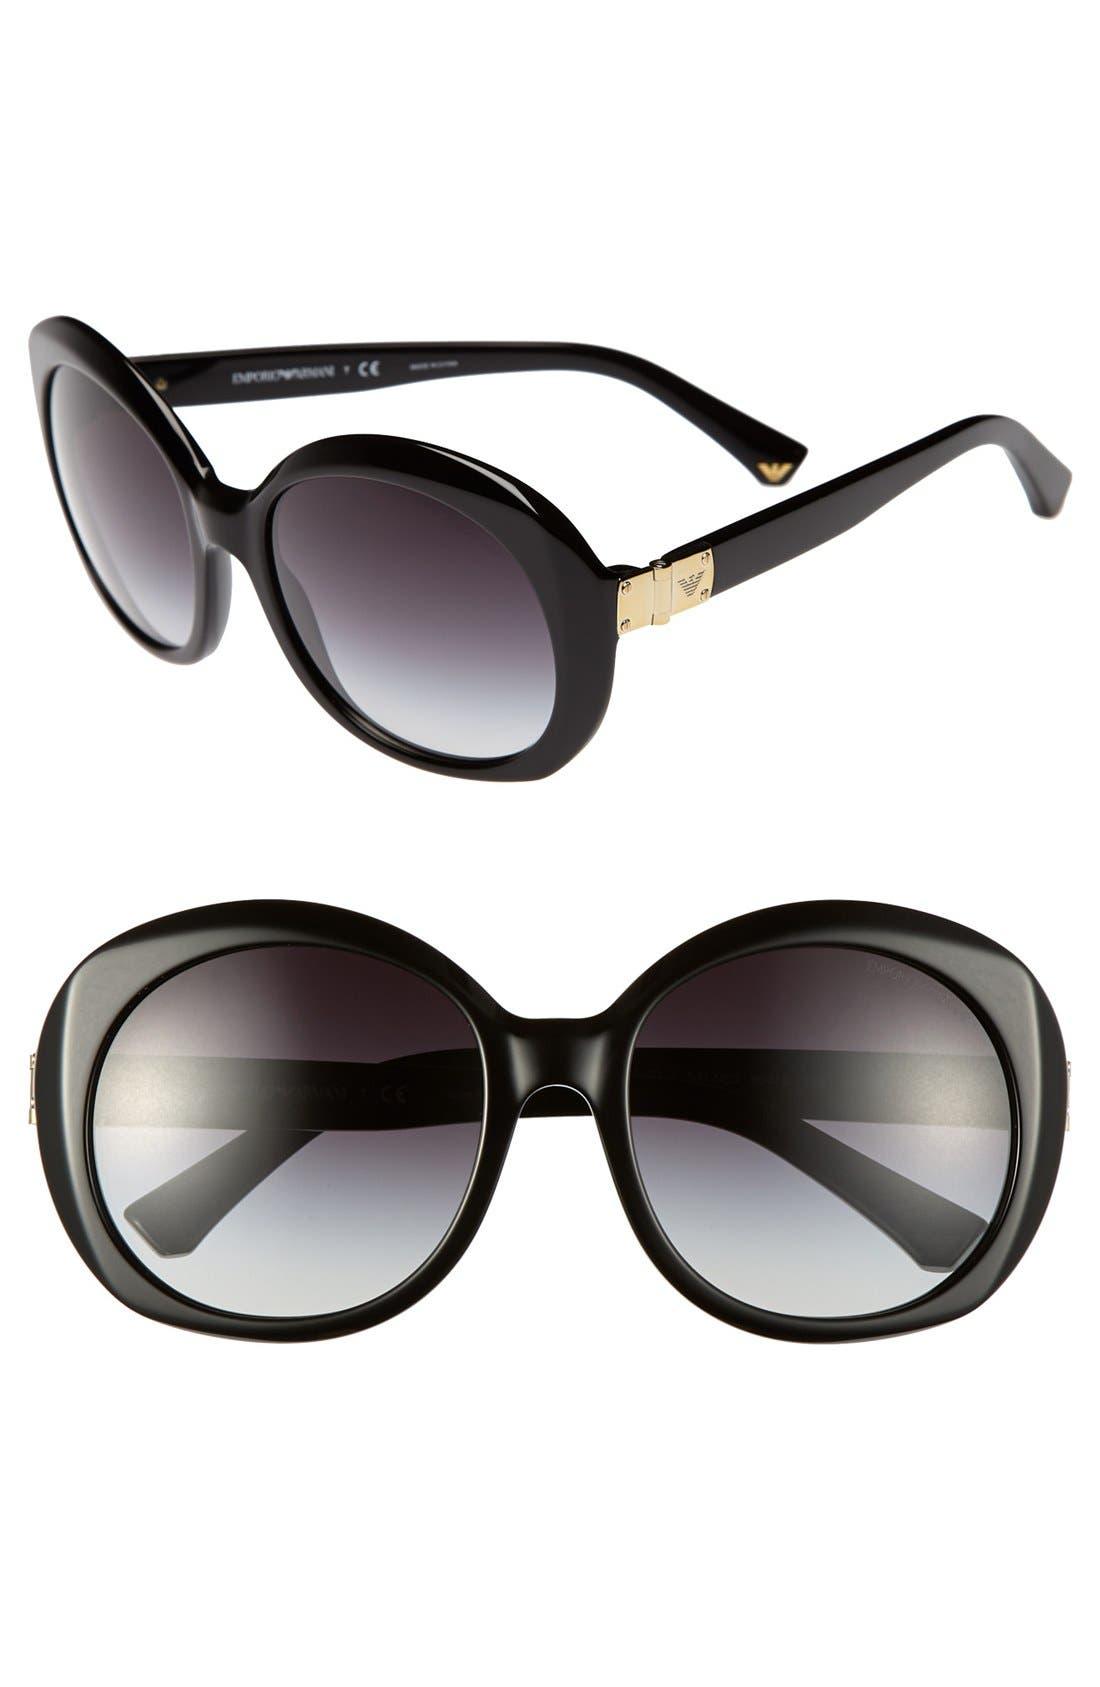 Main Image - Emporio Armani 56mm Sunglasses